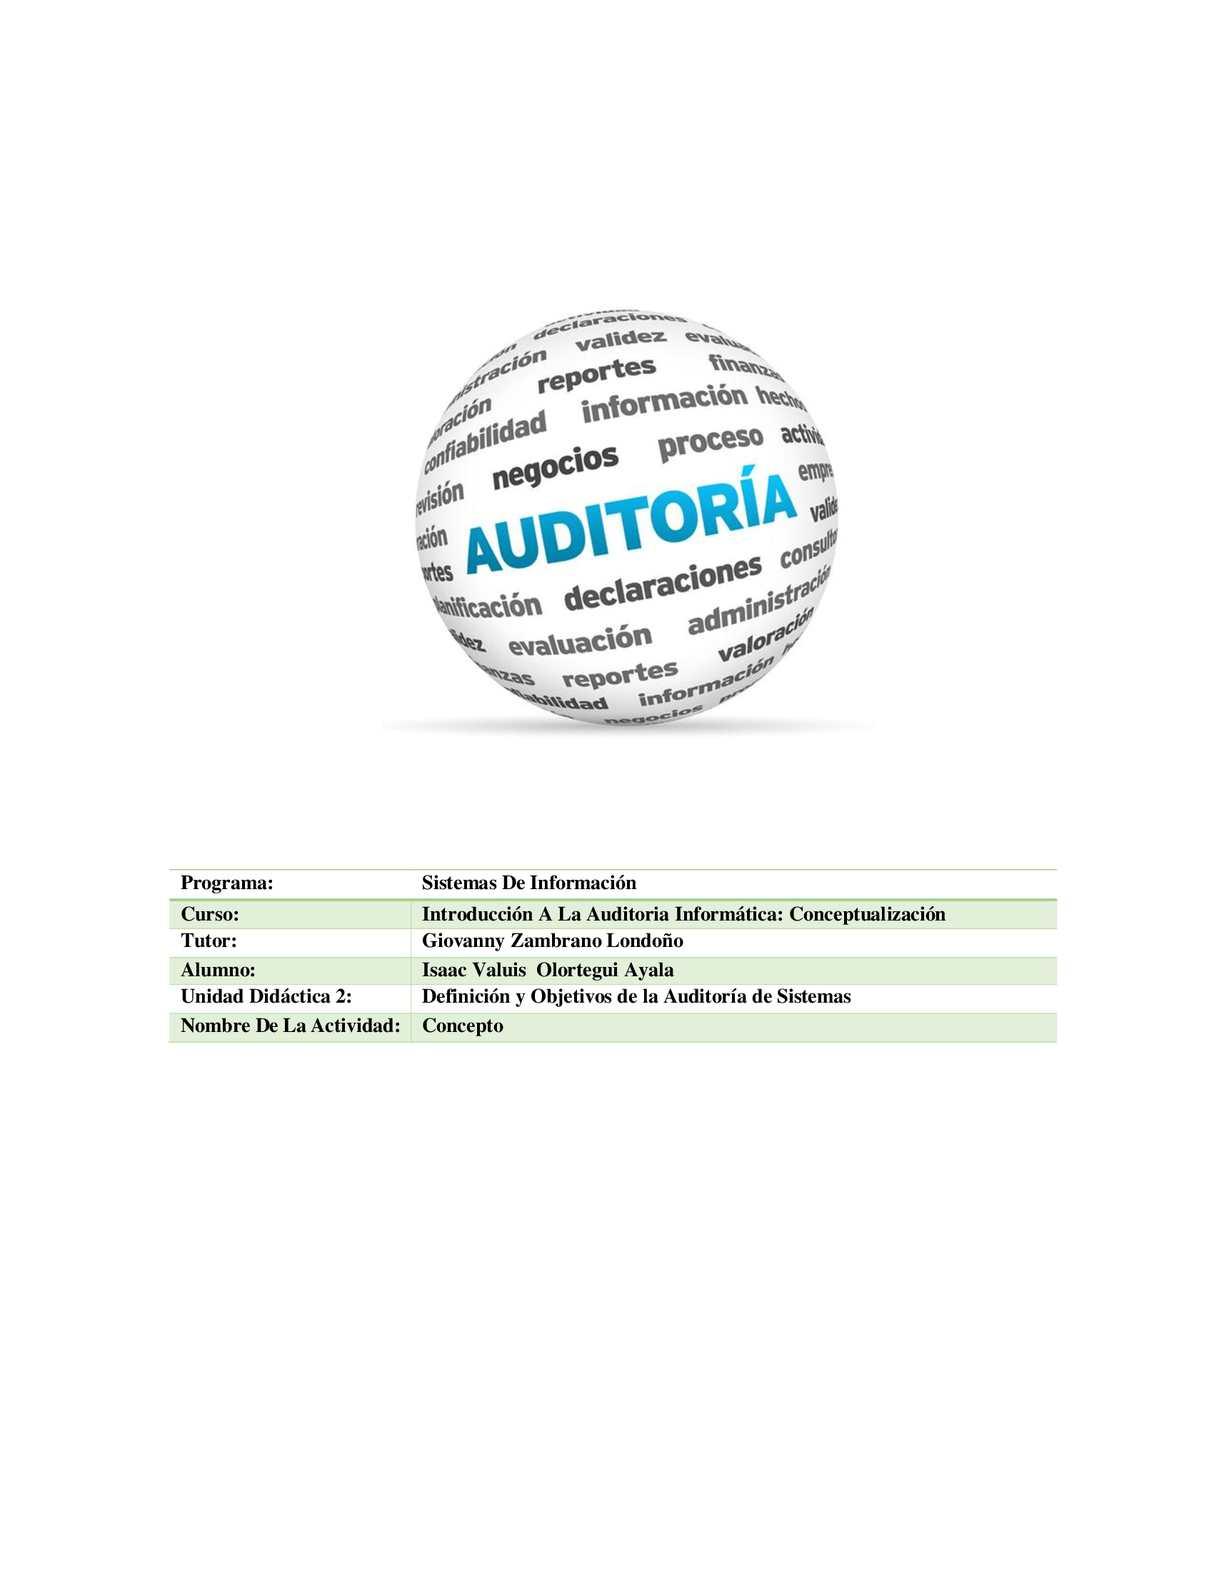 Definición y Objetivos de la Auditoría de Sistemas